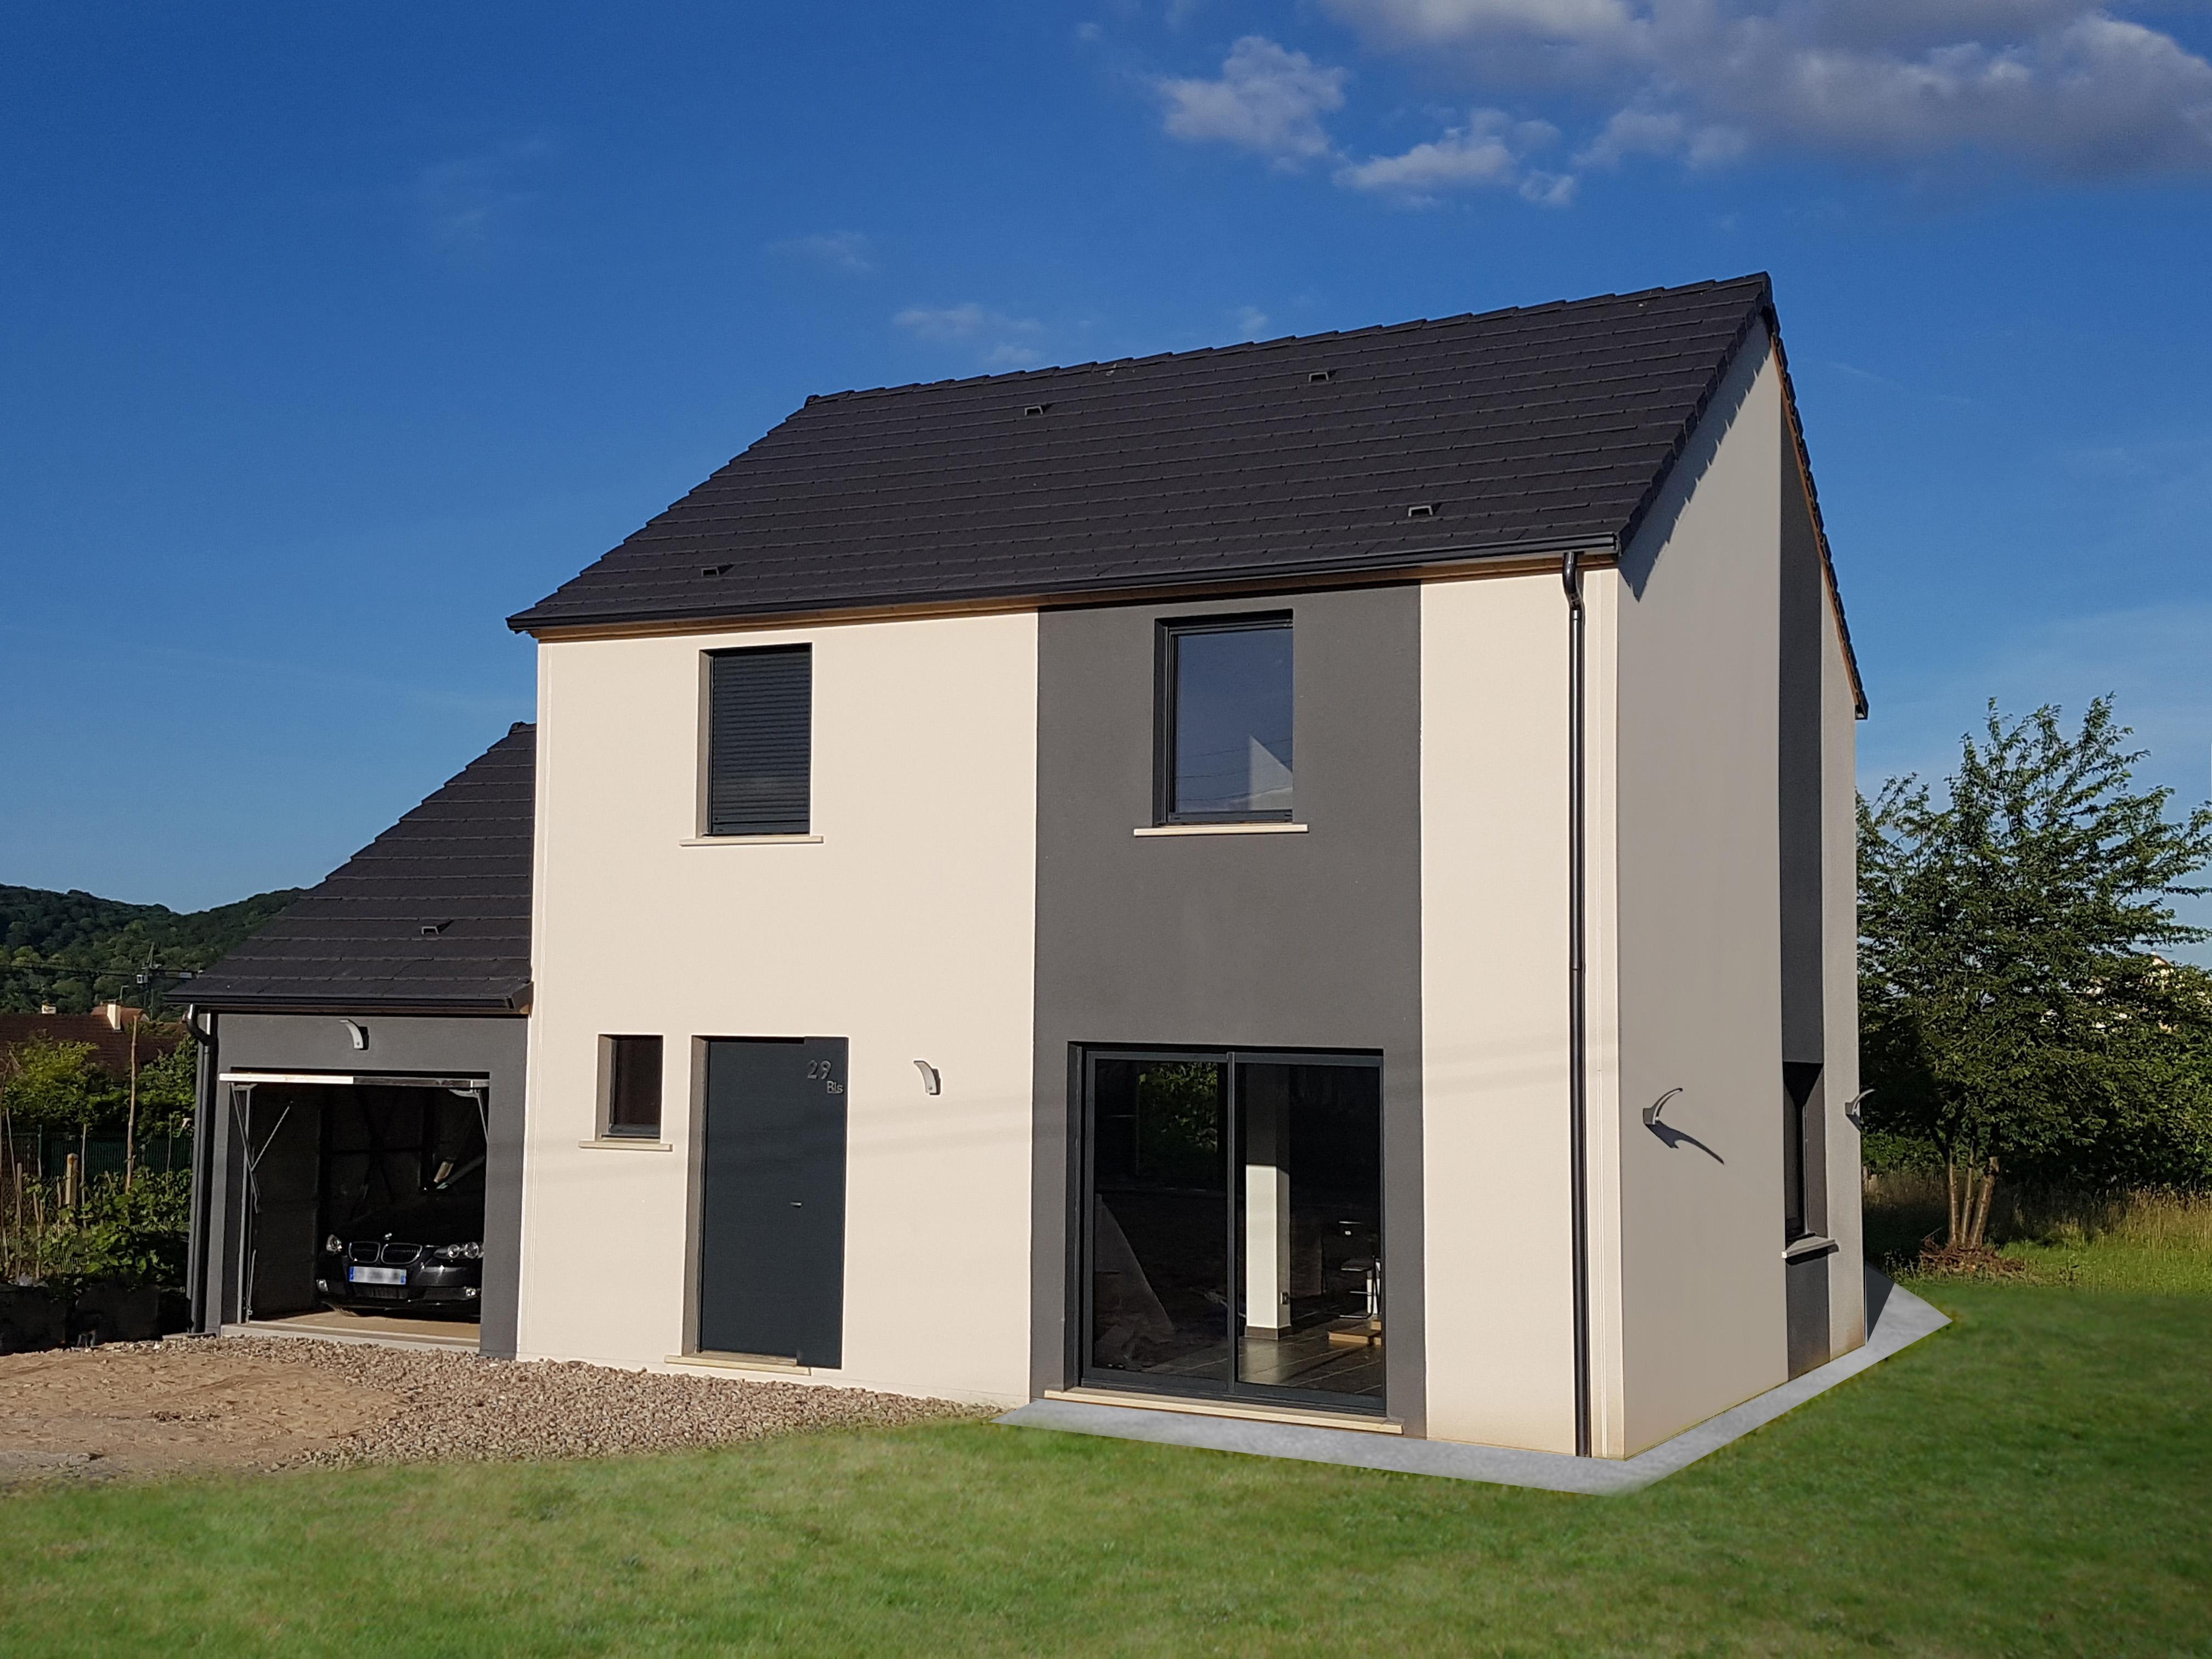 Maisons + Terrains du constructeur Maisons Phenix • 104 m² • LE PLESSIS GROHAN